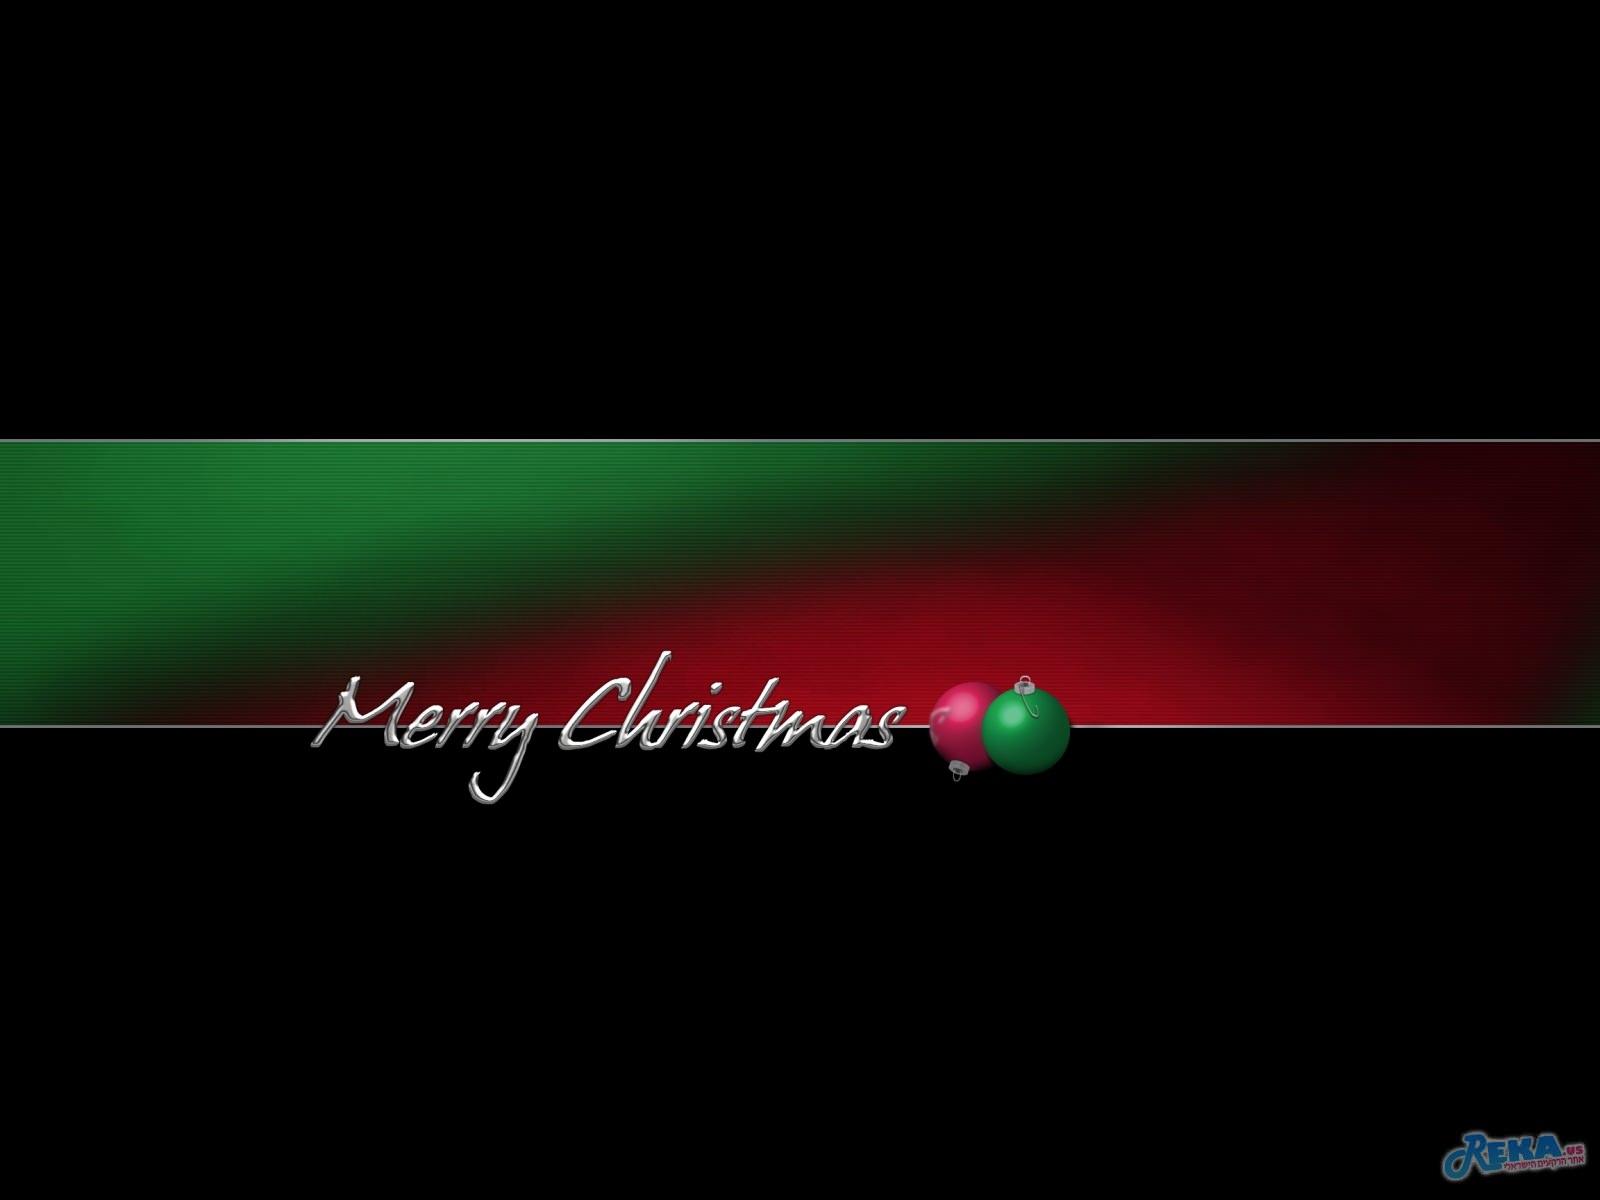 Merry_X_MAS_by_Fatboy72.jpg